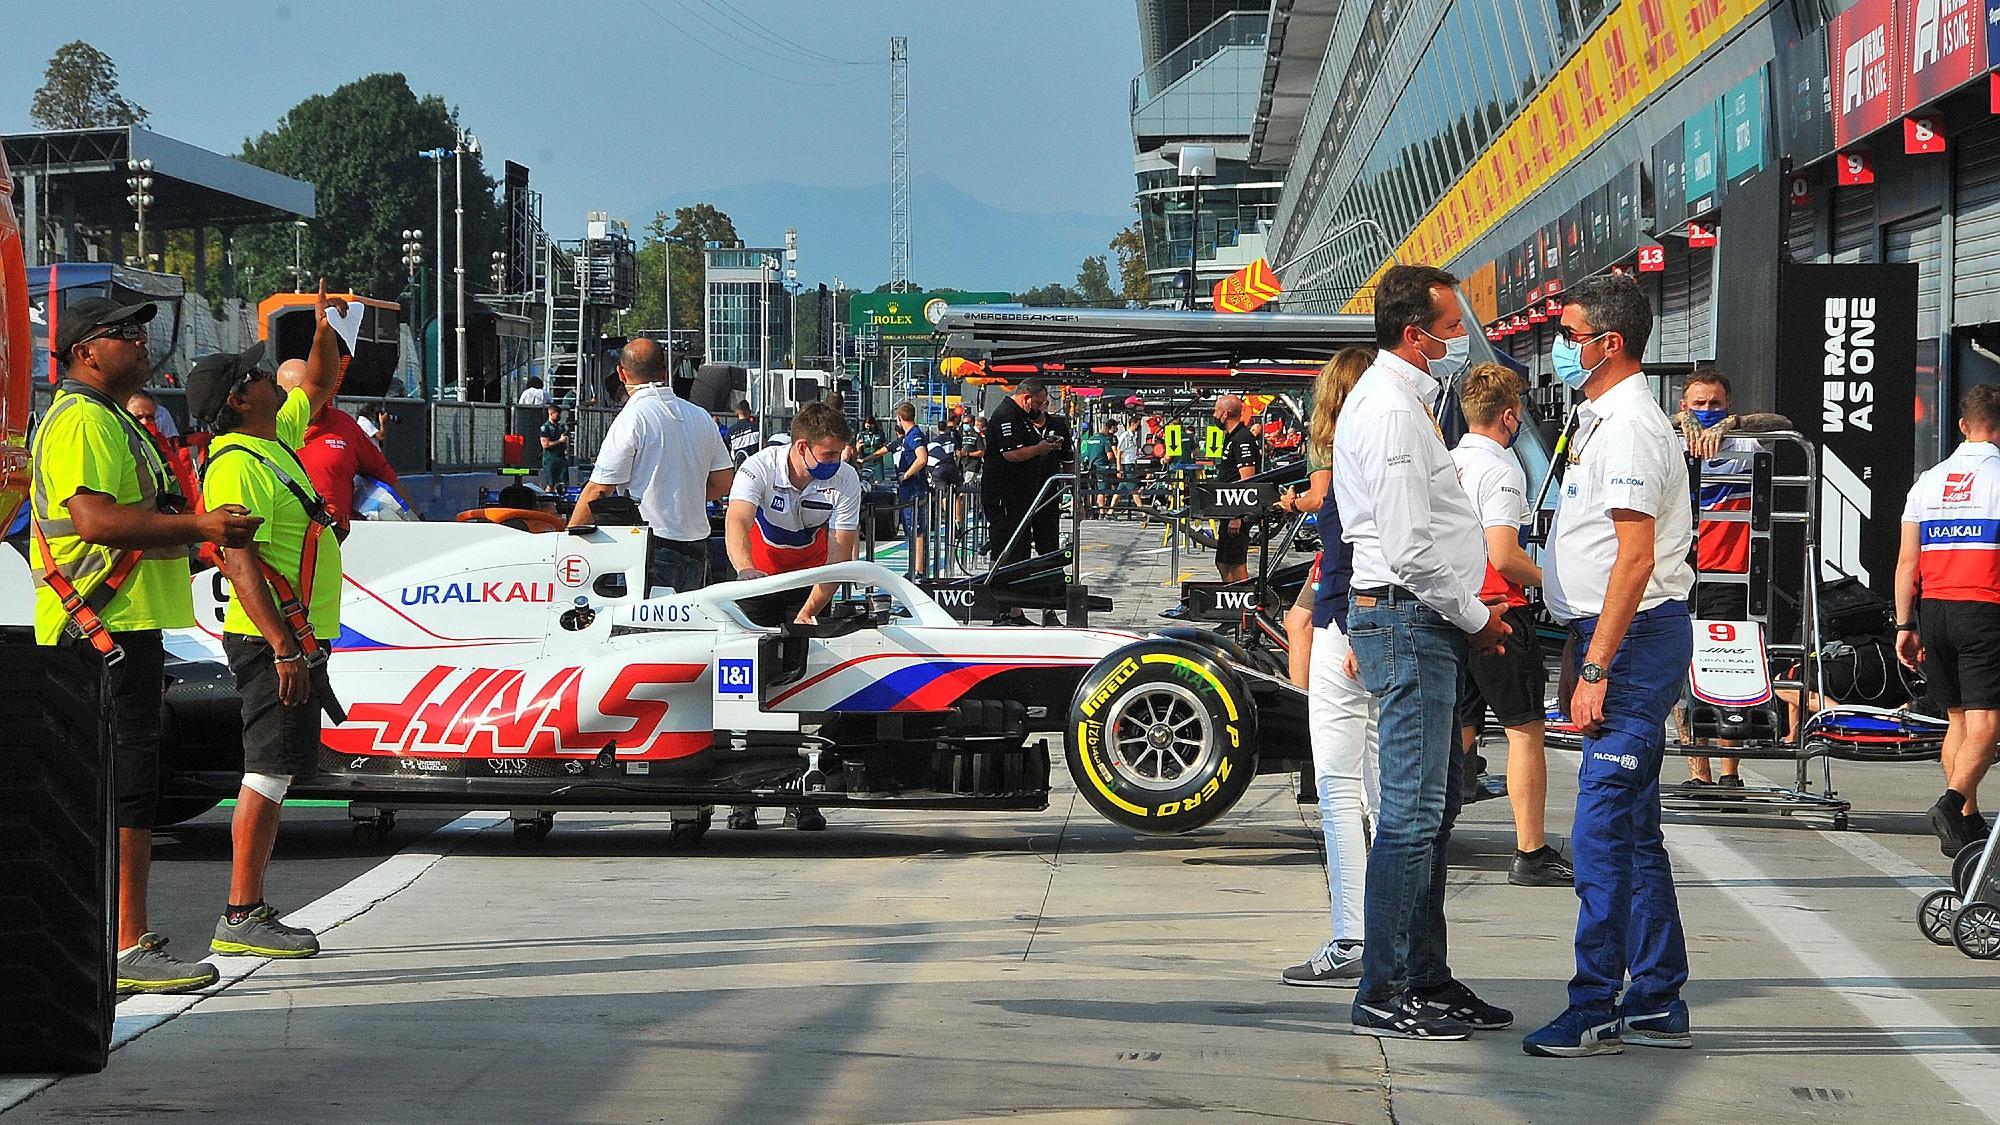 2021 Italian GP Thursday